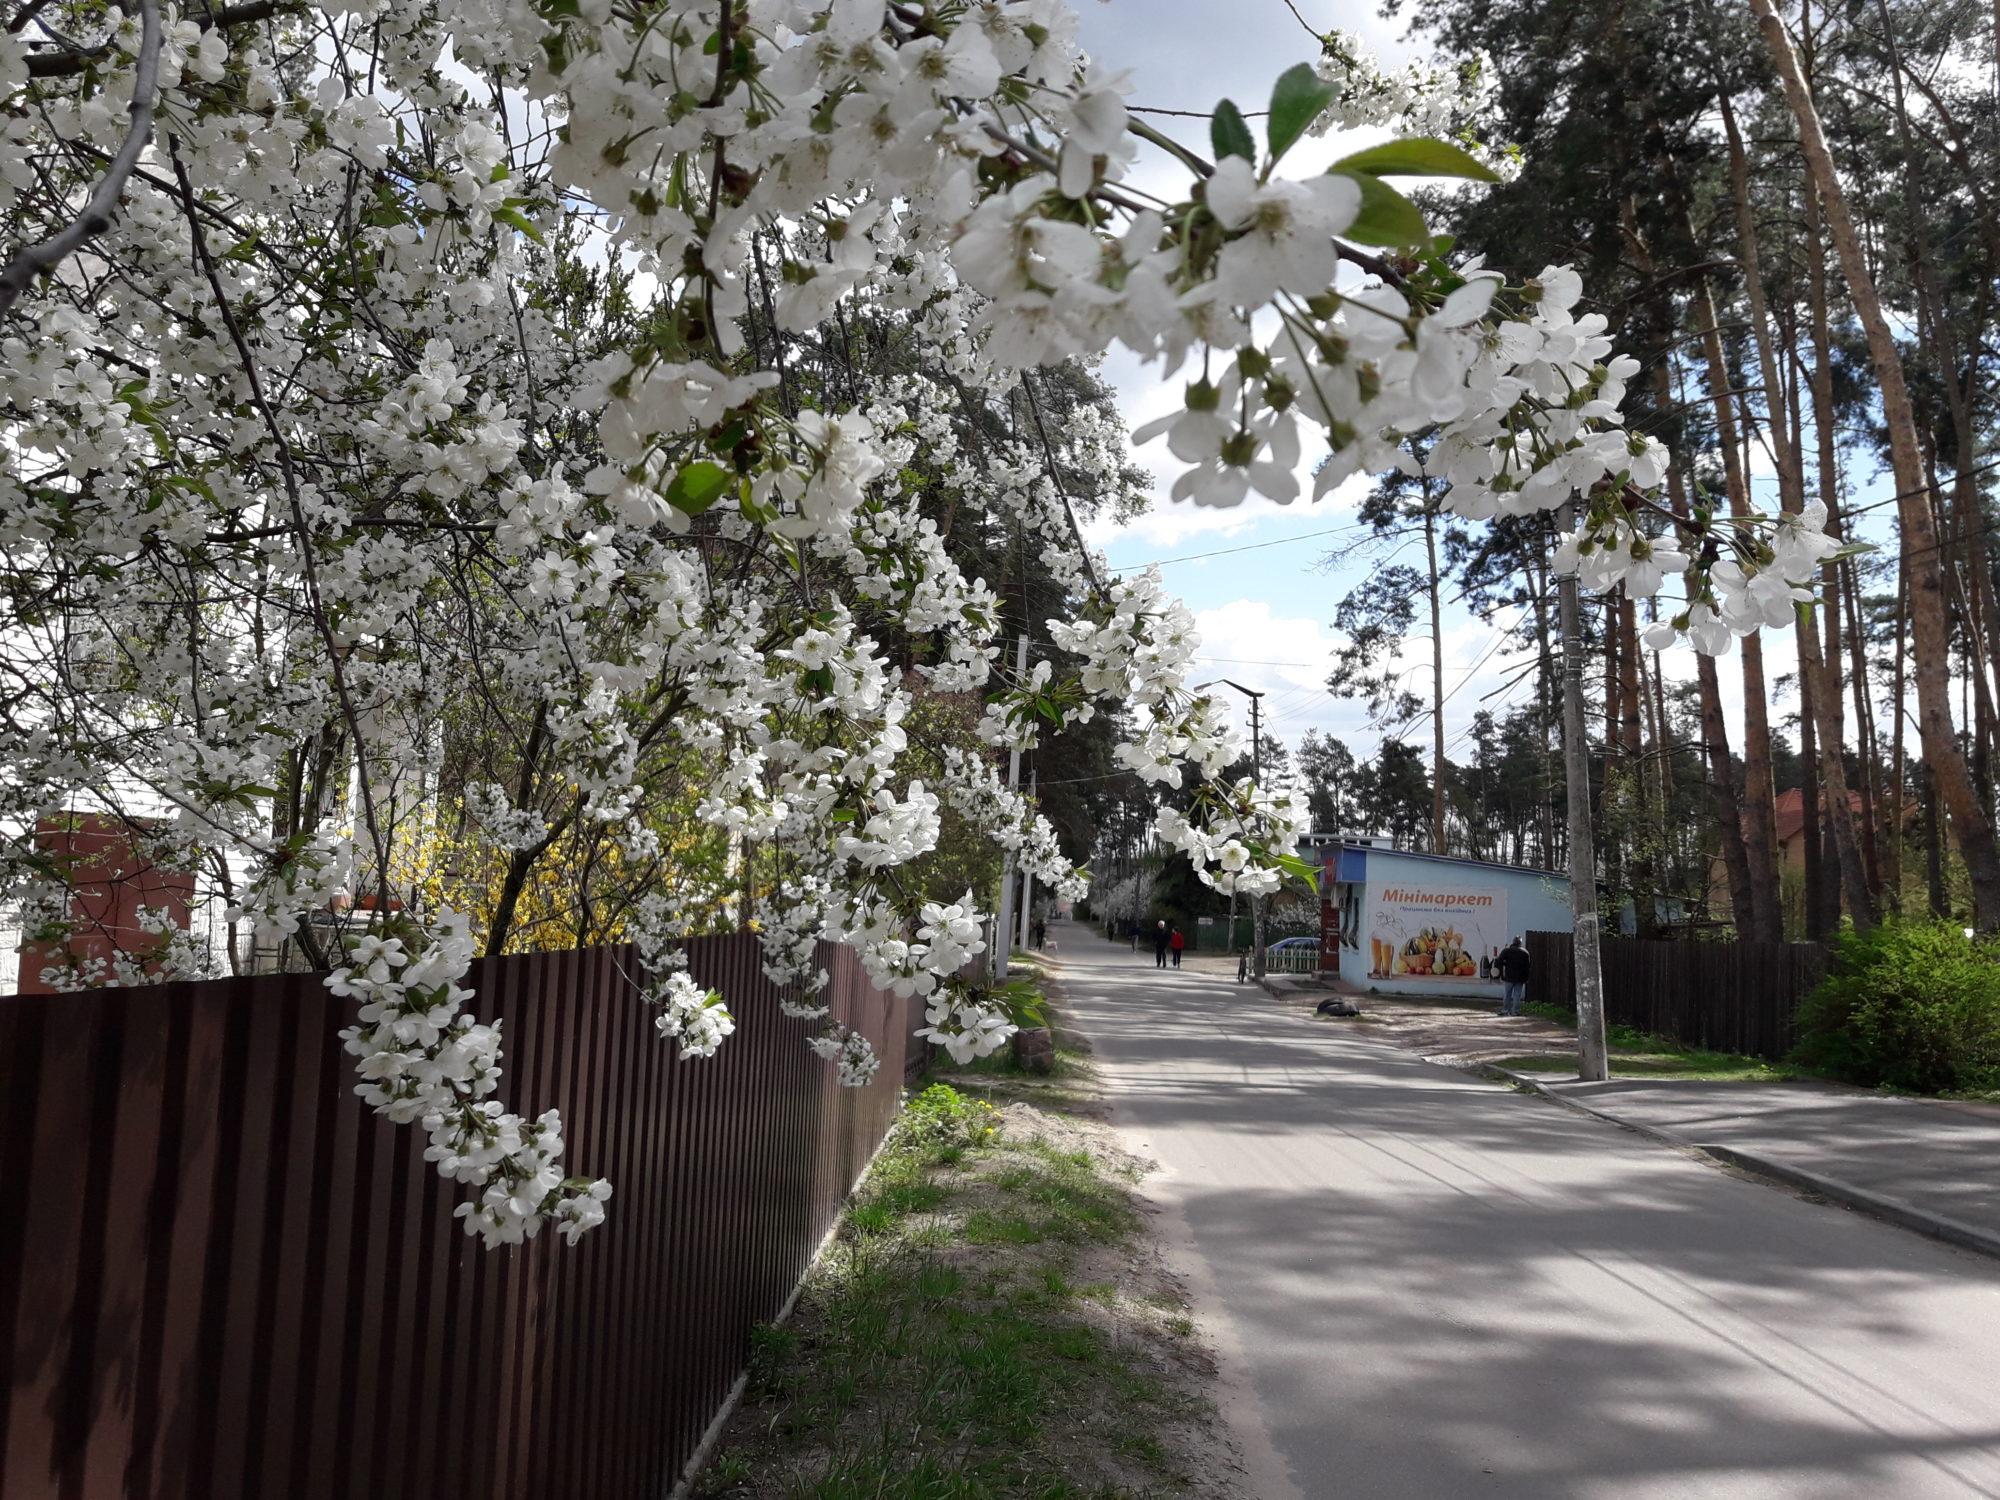 Ірпінь квітне: у місті настає пік цвітіння дерев та кущів (ФОТО) -  - 20200427 123415 2000x1500